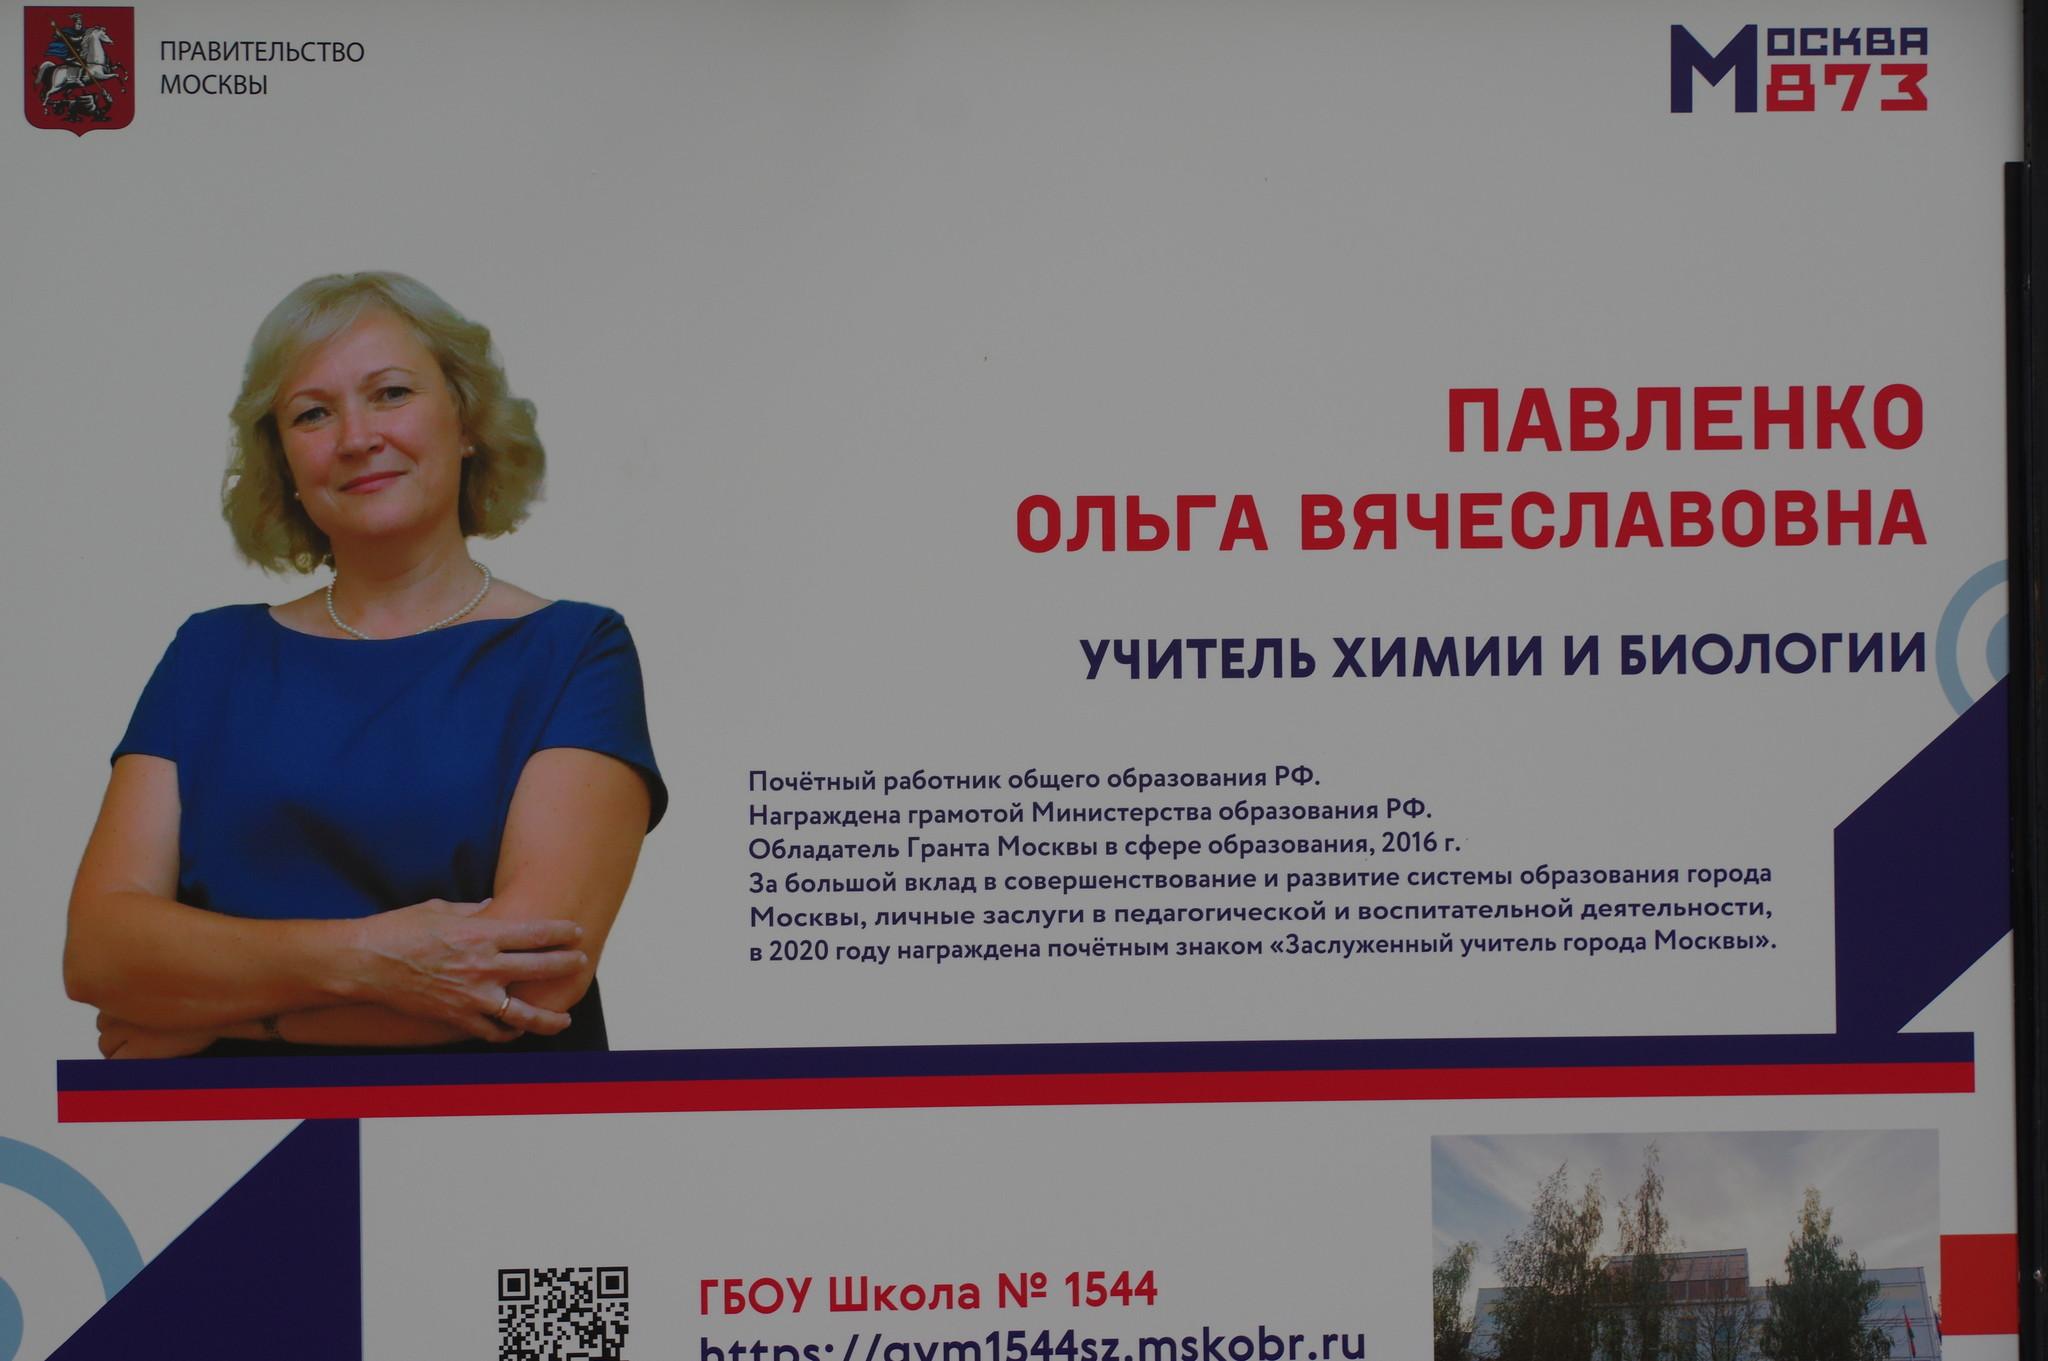 Ольга Вячеславовна Павленко